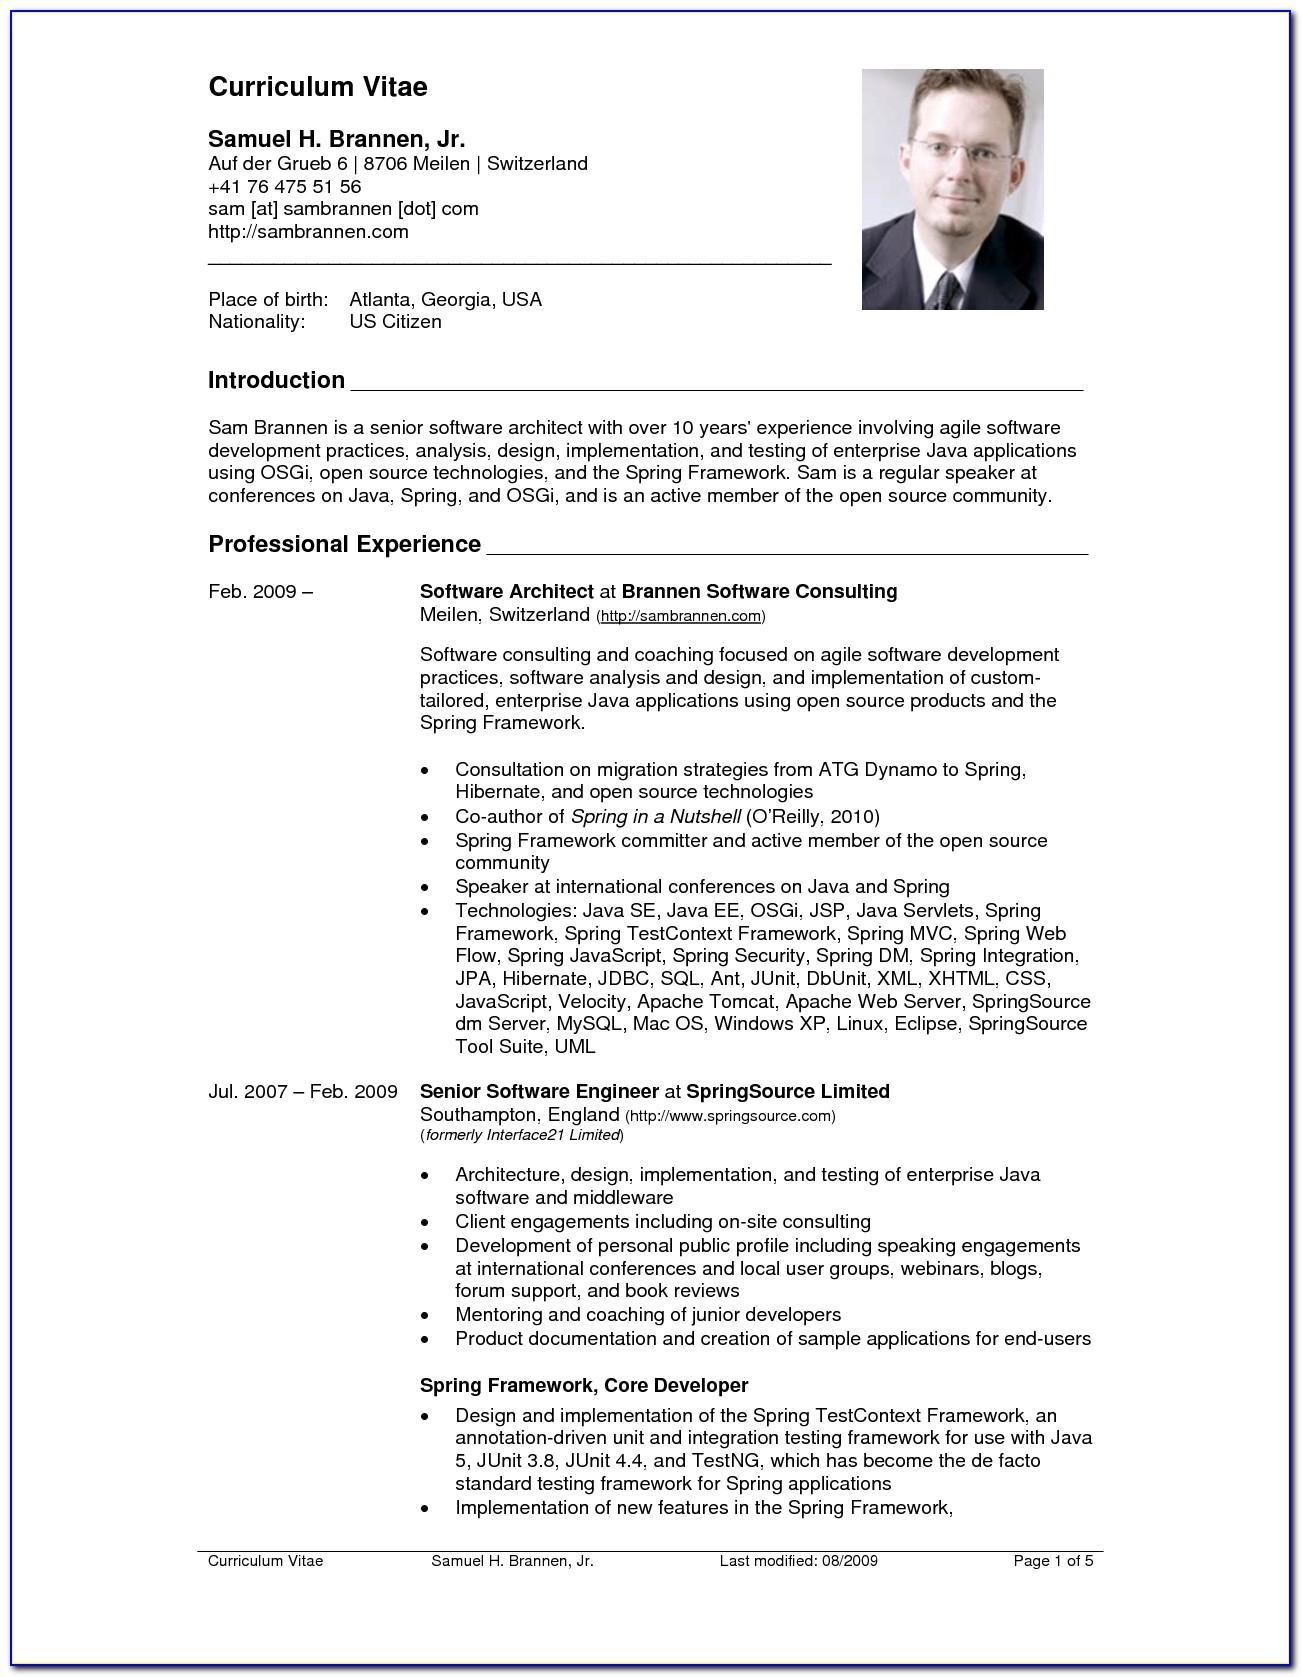 Sample Example Of Curriculum Vitae